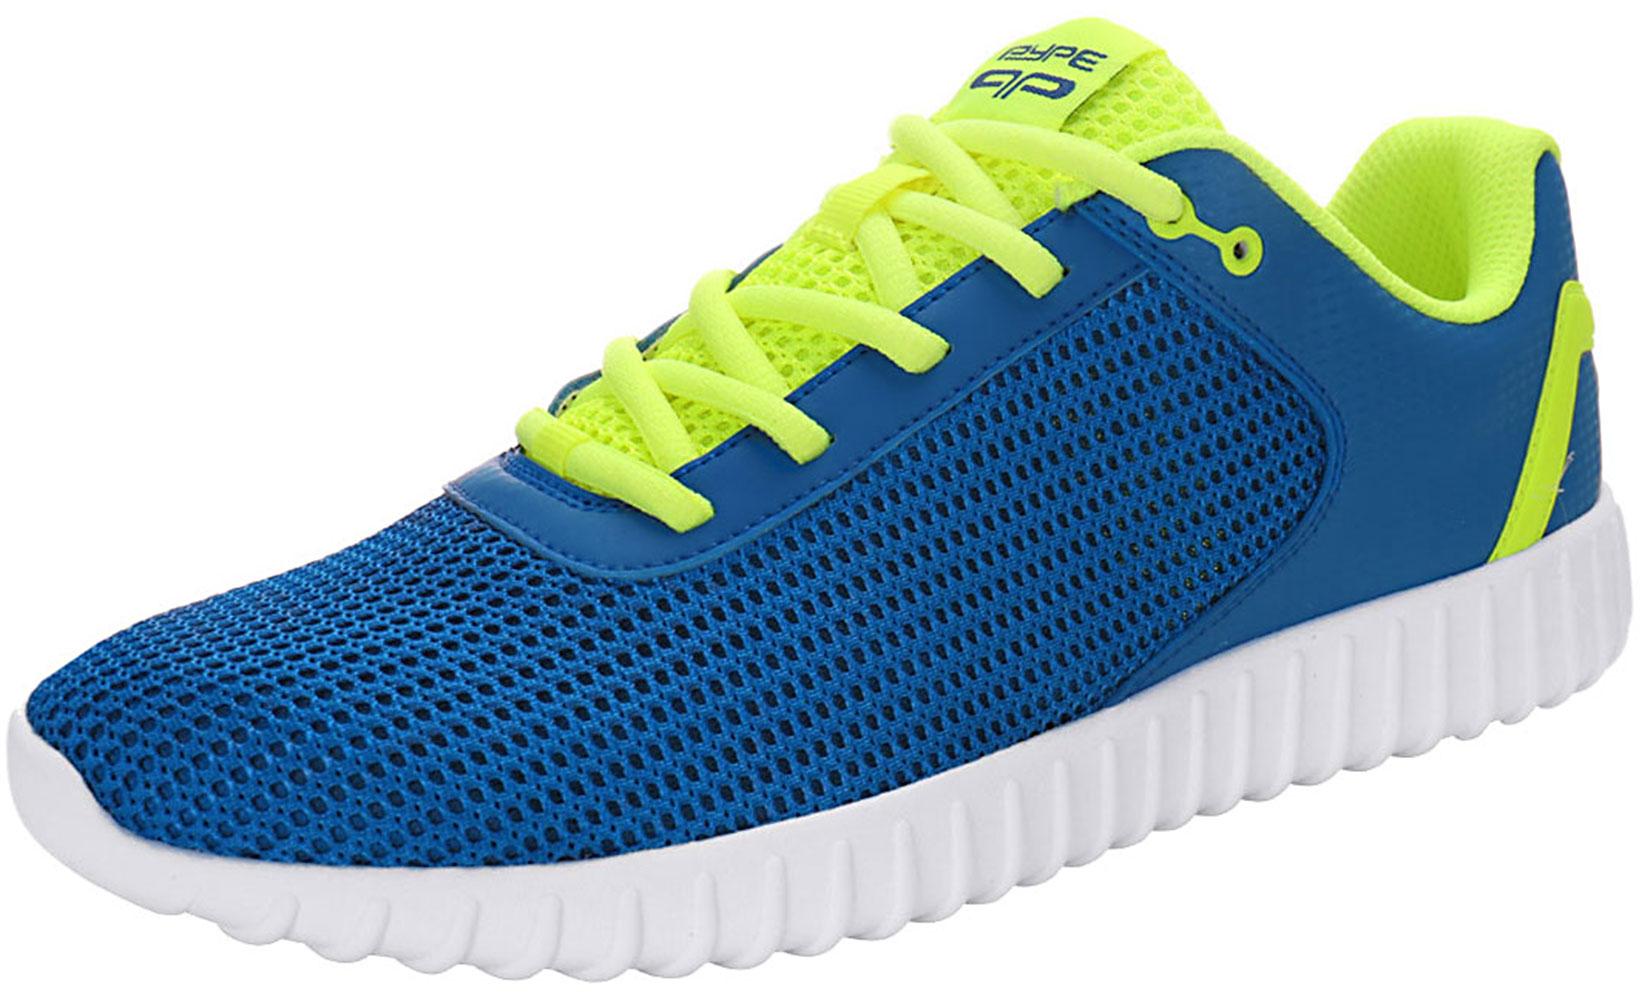 PYPE Women Contrast Color PU Panel Mesh Training Shoes Blue US 7.5